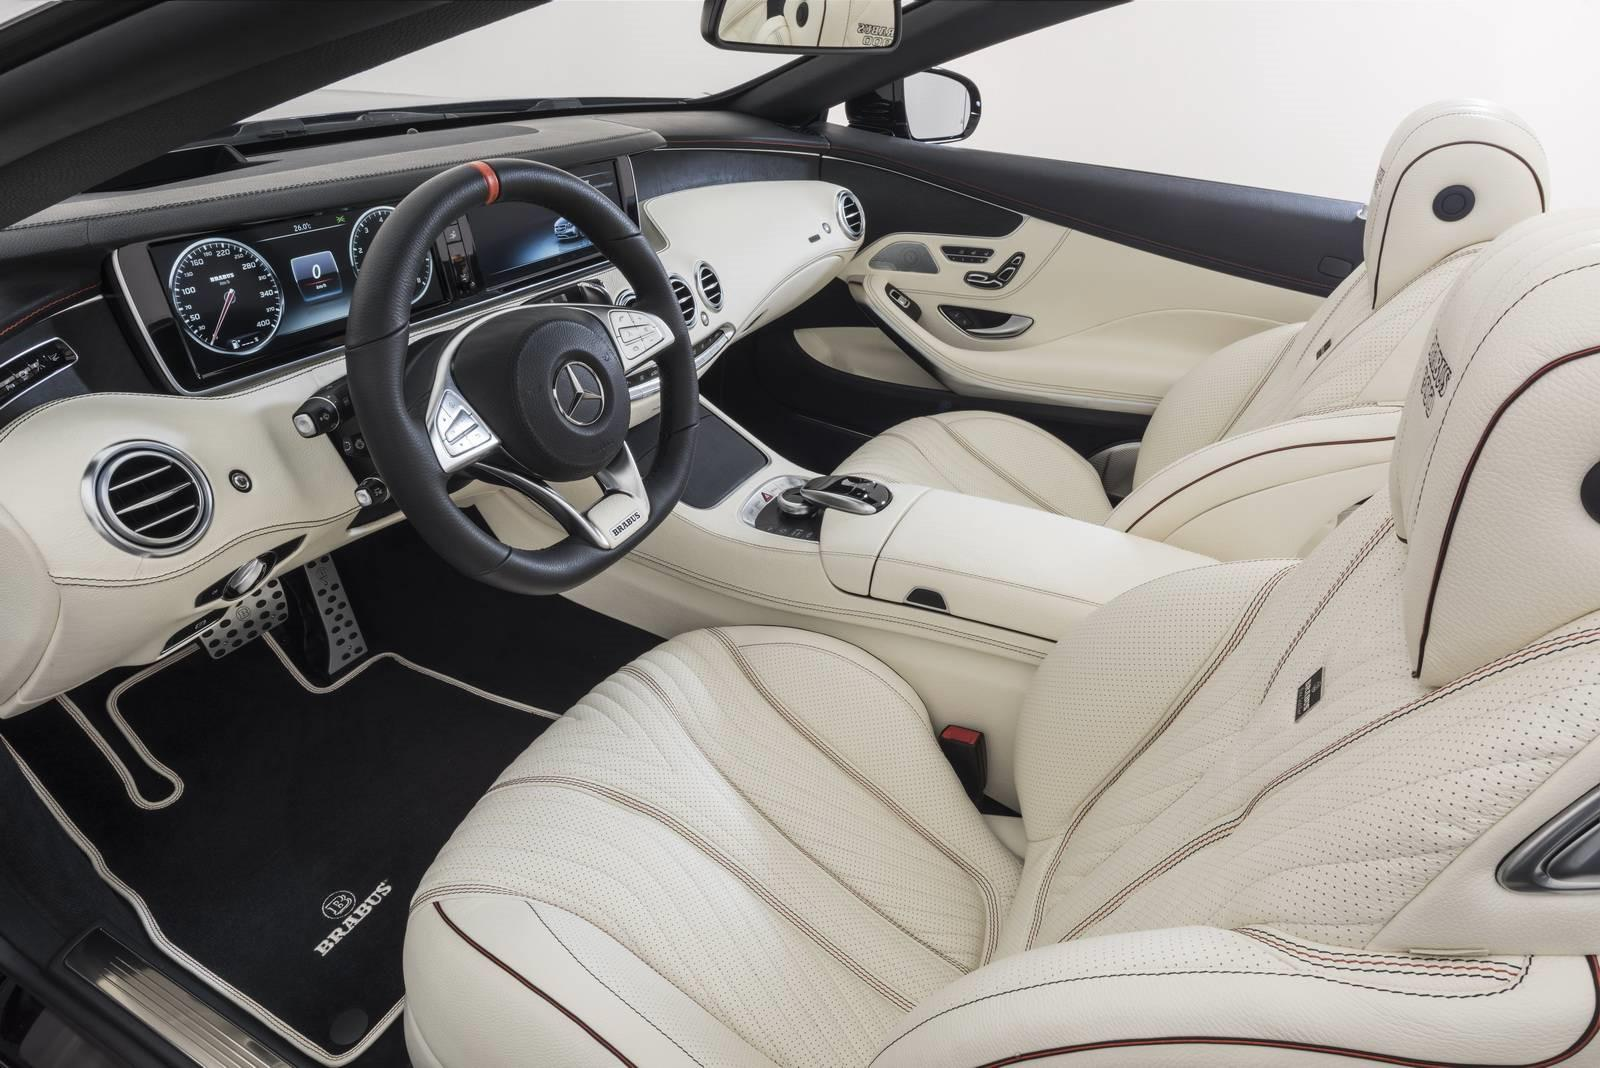 le-cabriolet-4-places-le-plus-puissant-et-le-plus-rapide-au-monde-brabus-rocket-900-cabriolet-411-8.jpg